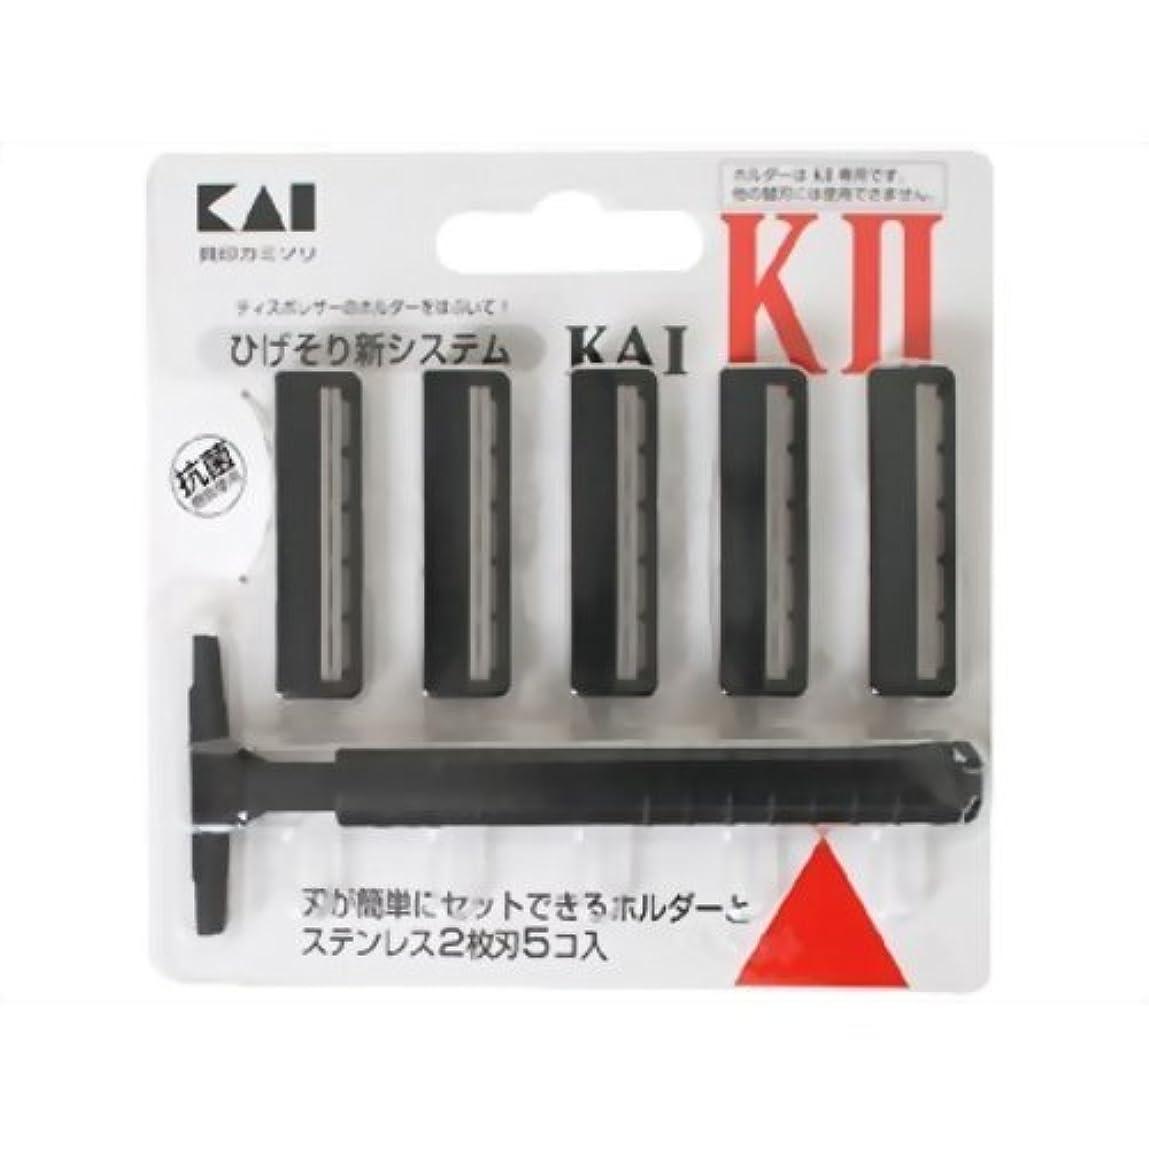 スプリットこだわり腐敗カミソリ KAI-K2 K2-5 ×10個セット